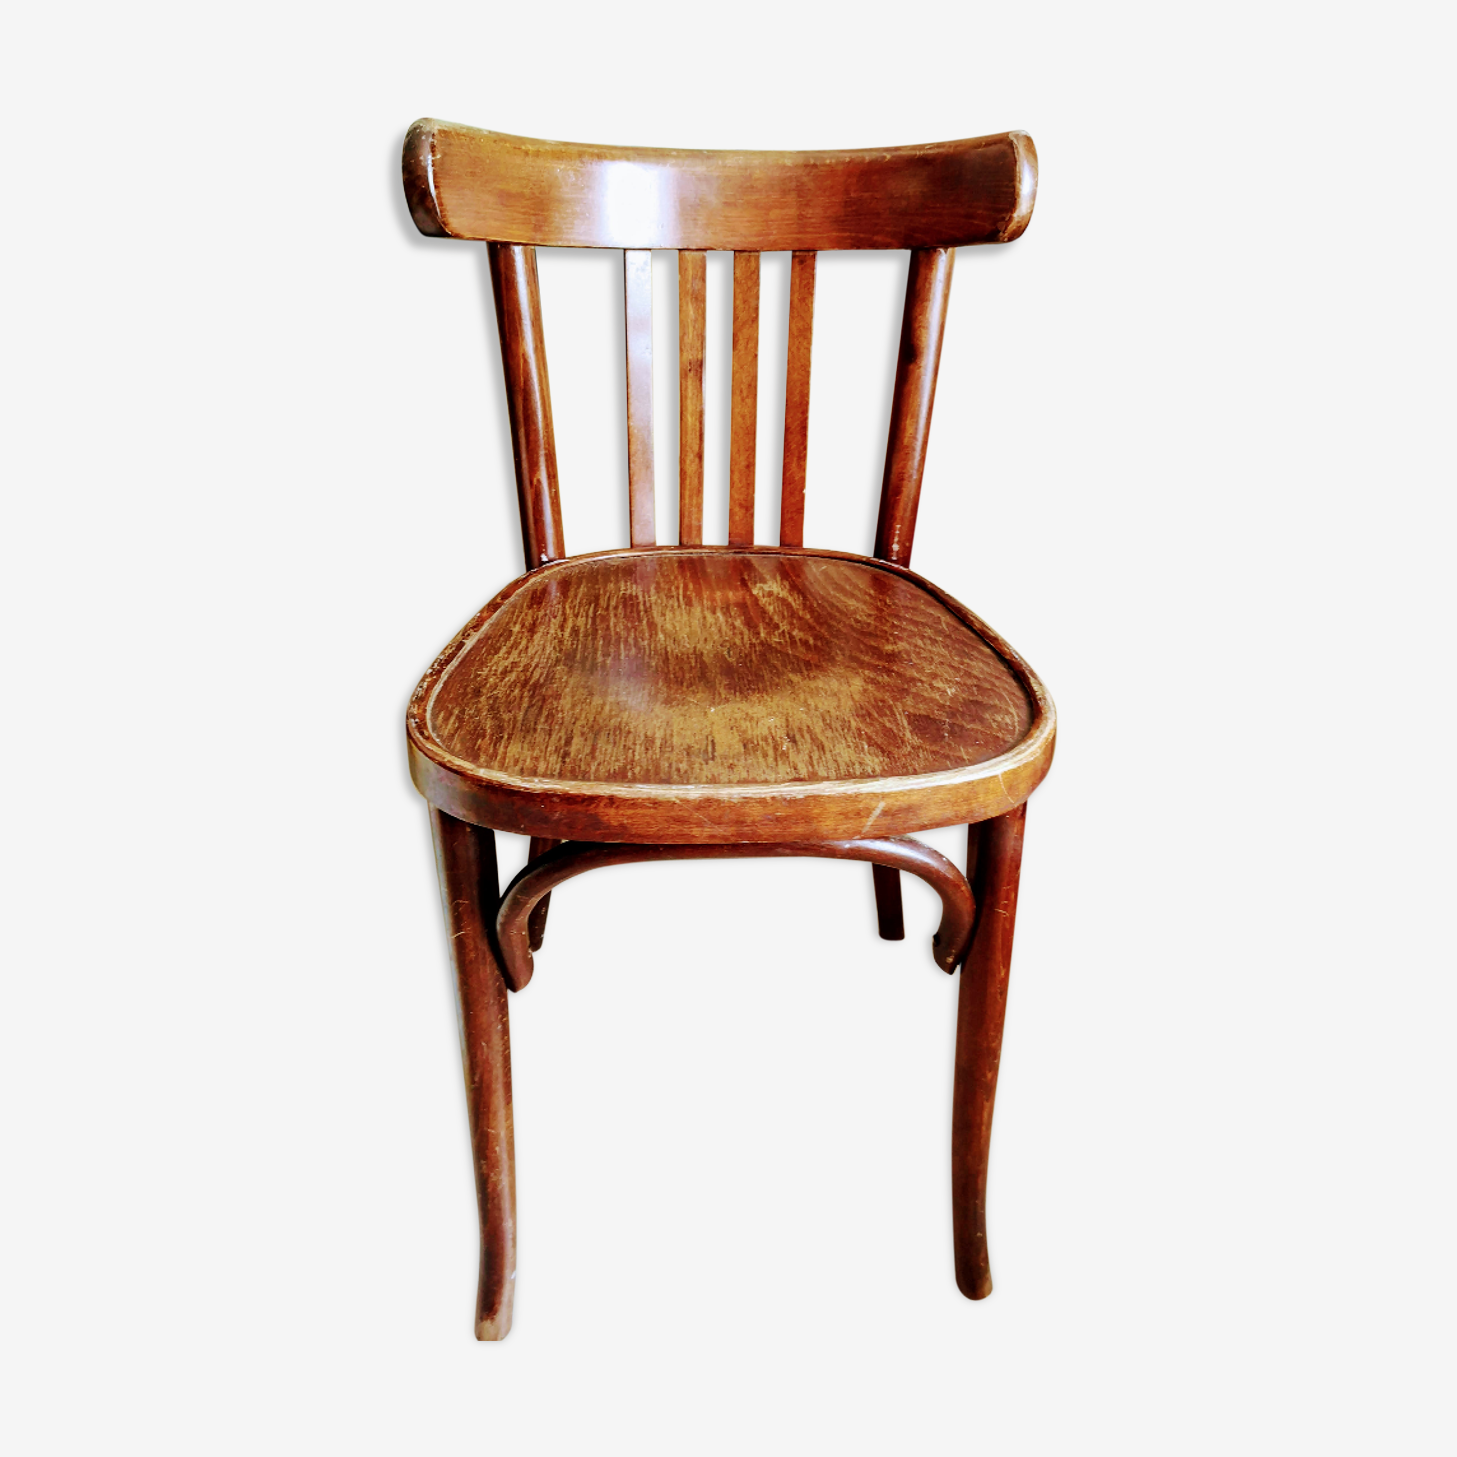 Chaise bistrot en bois courbé